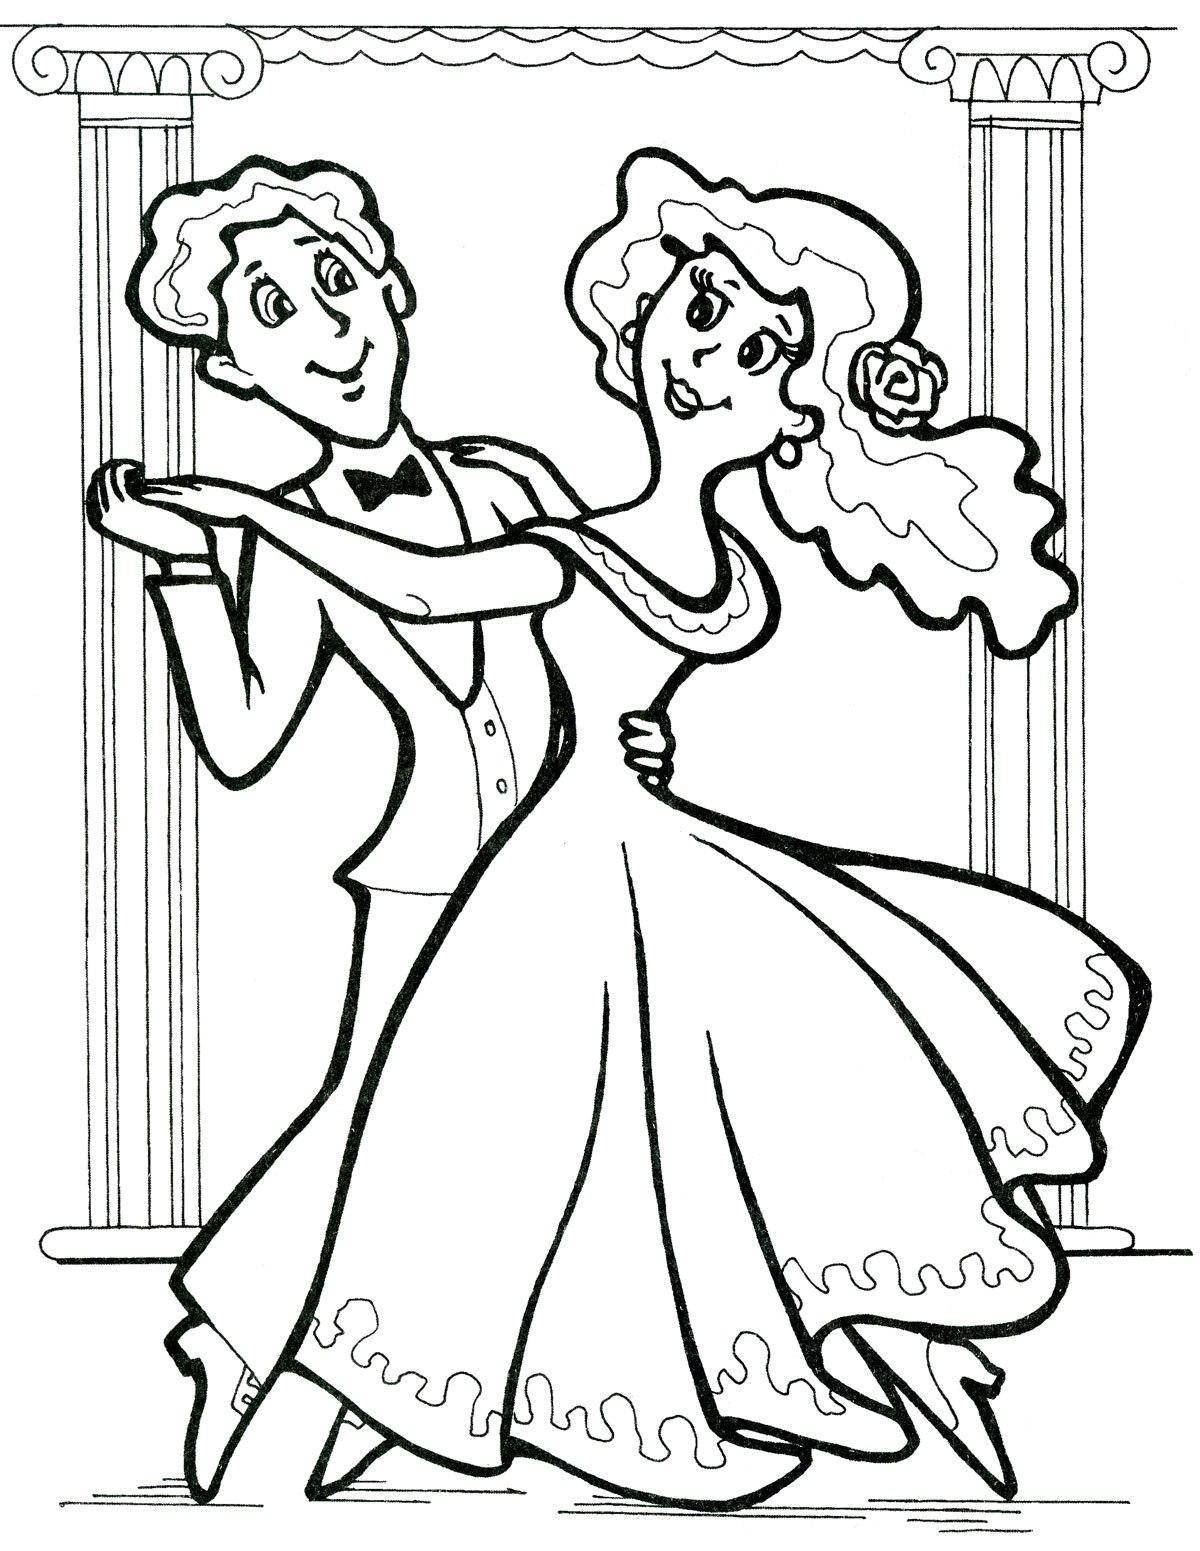 Ziemlich Das Wort Tanz Malvorlagen Fotos - Beispiel Wiederaufnahme ...